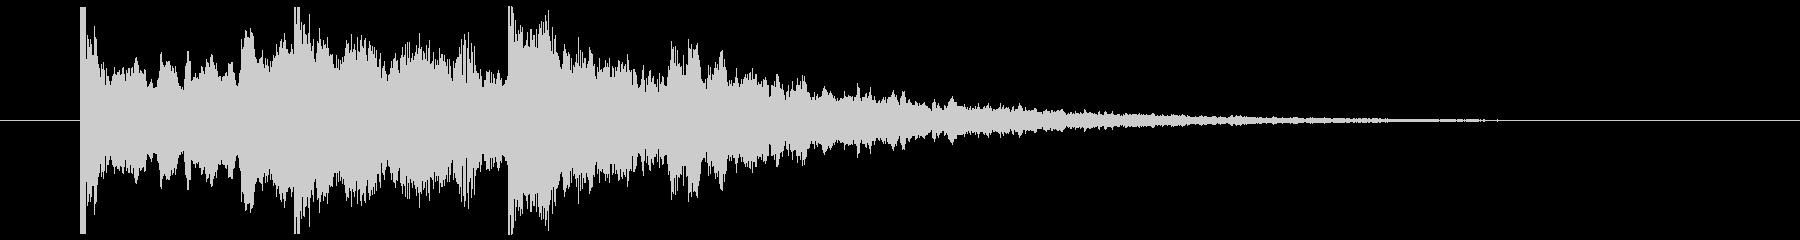 清涼感あるサウンドロゴ_ベル系_05の未再生の波形